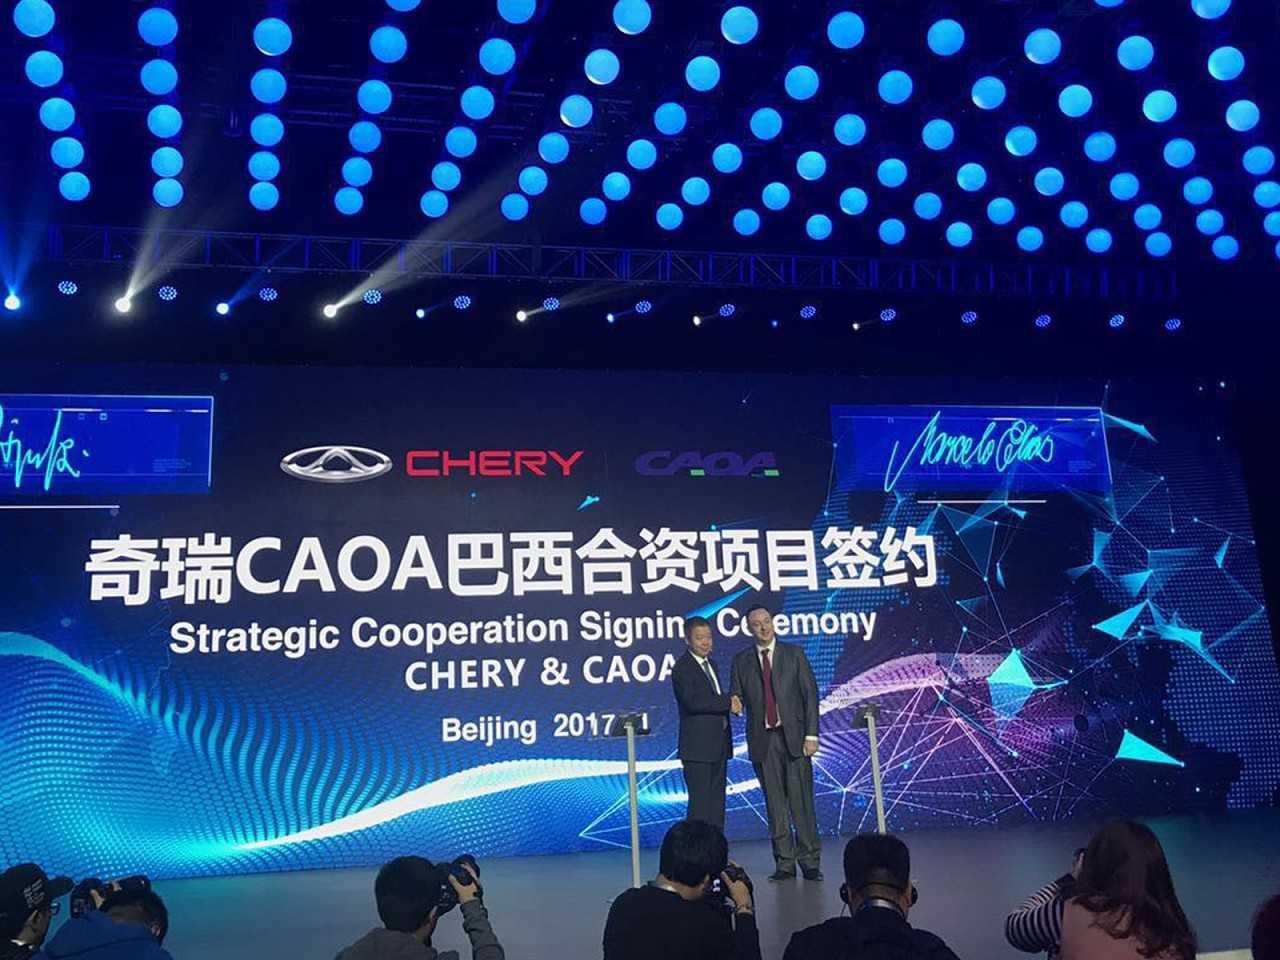 Assinatura do acordo de parceria entre a Chery e CAOA ocorreu em Pequim